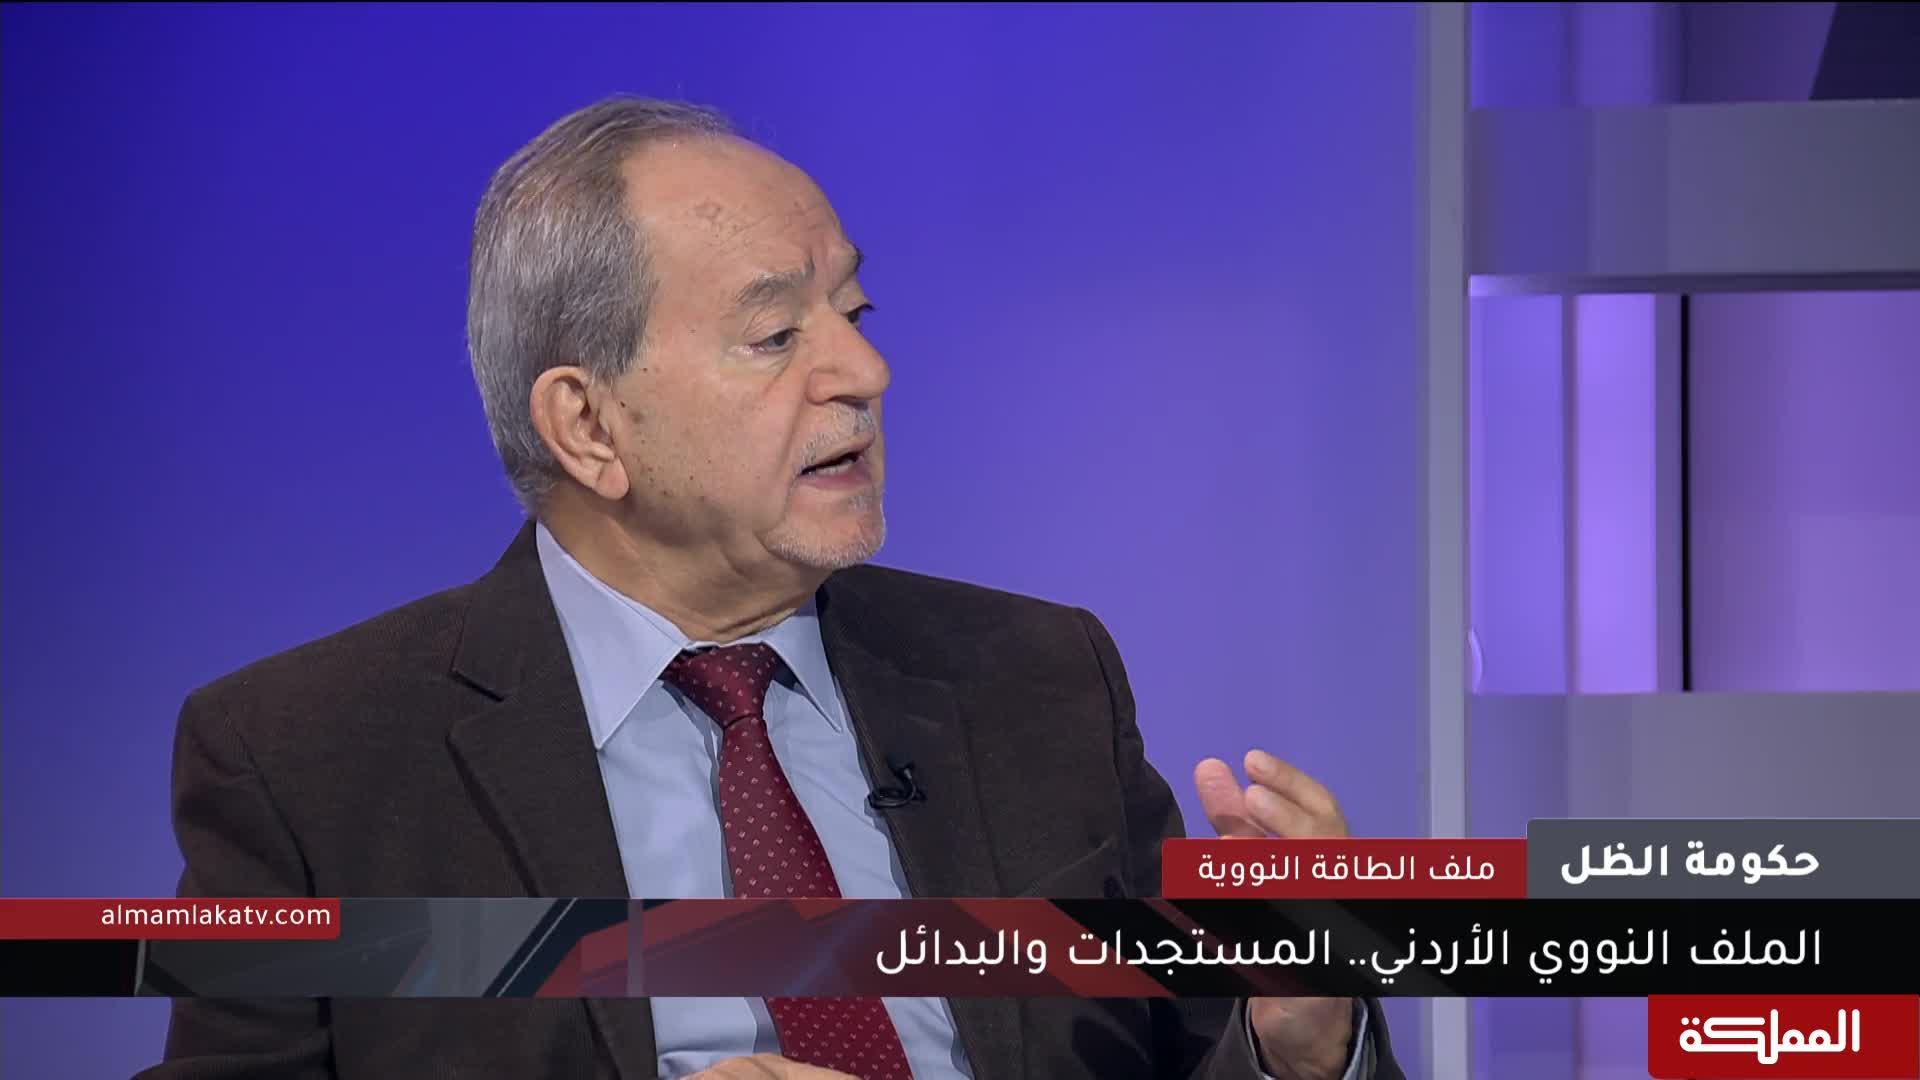 حكومة الظل | الملف النووي الأردني .... المستجدات والبدائل